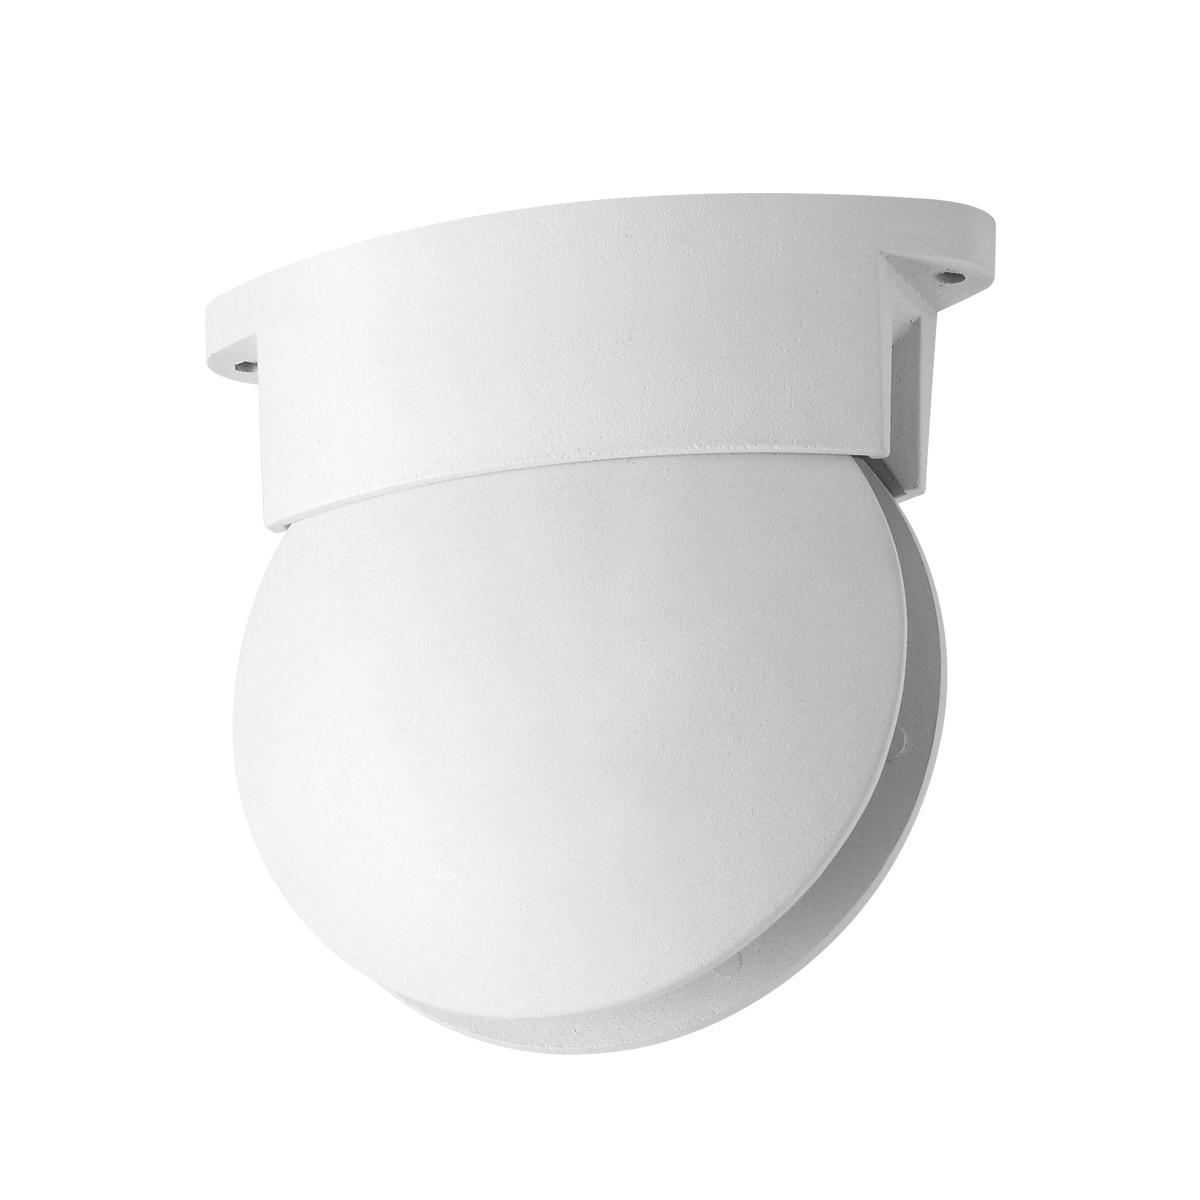 Настенный светодиодный светильник с пультом ДУ Odeon Light Arrow 3916/9CL, IP65, LED 9W 4000K + RGB 450lm, белый, металл - фото 2